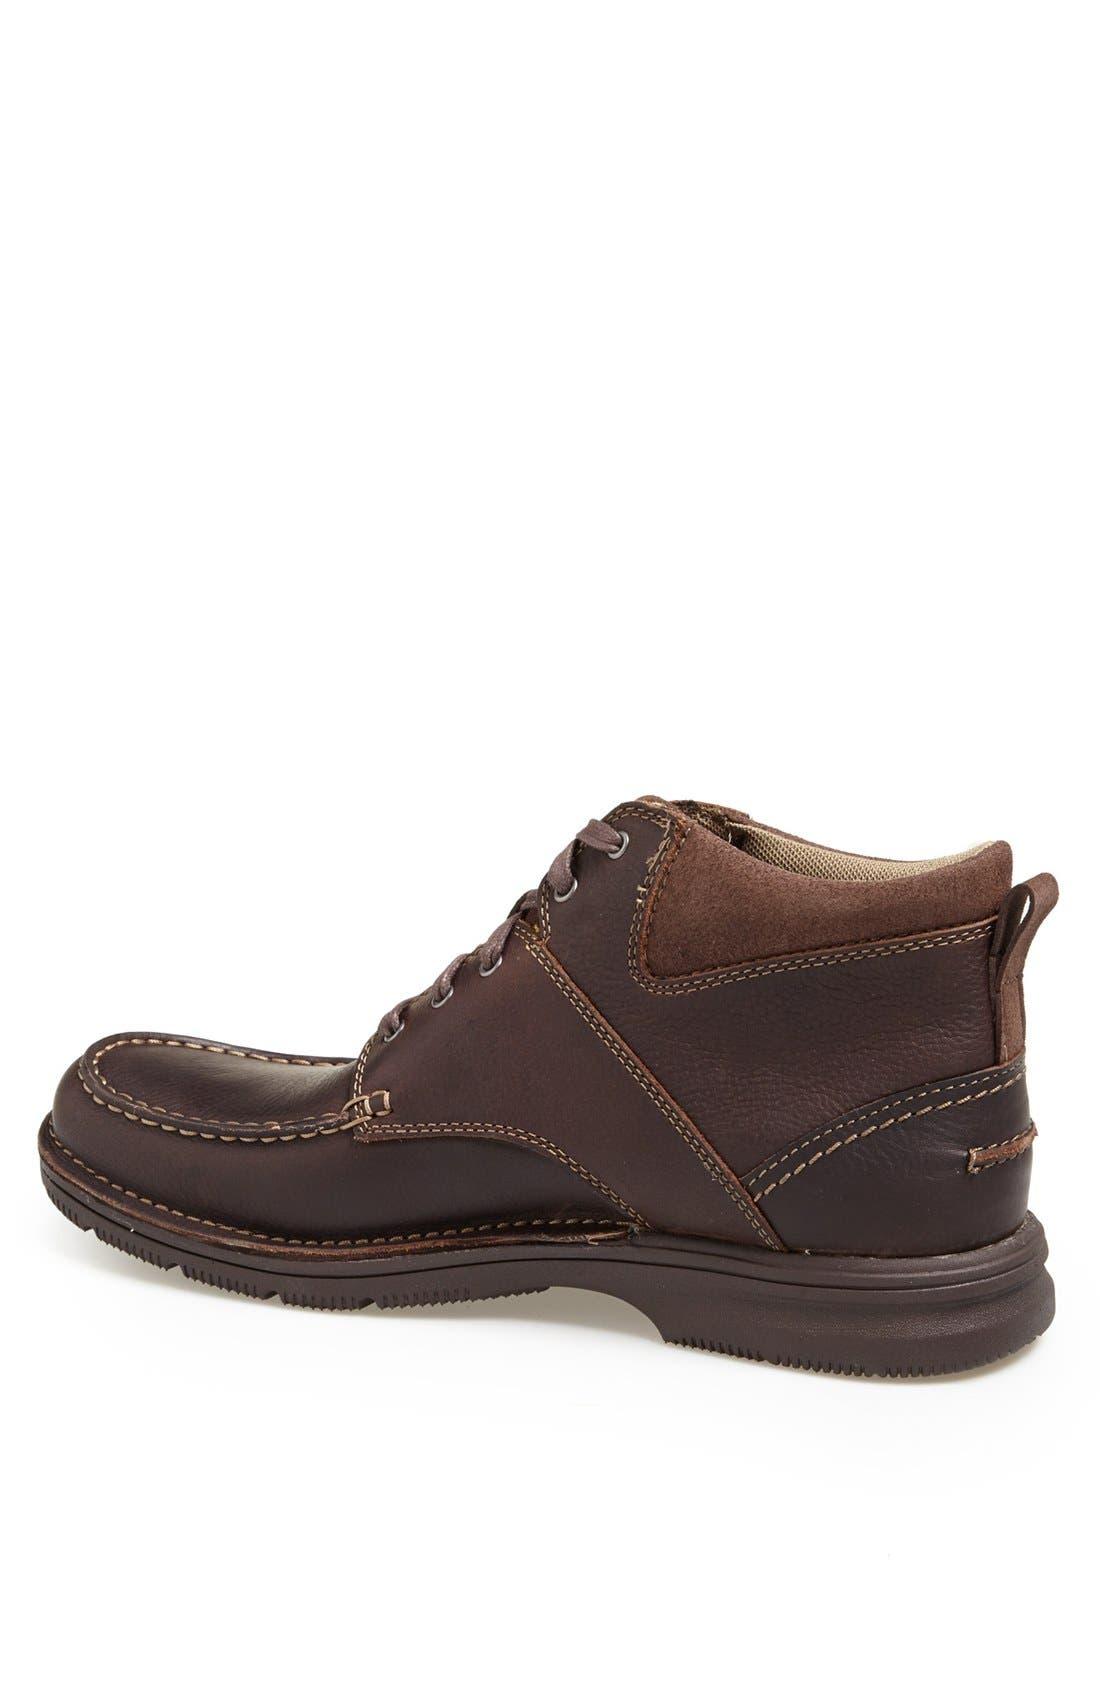 Alternate Image 2  - Clarks® 'Senner Court' Moc Toe Boot